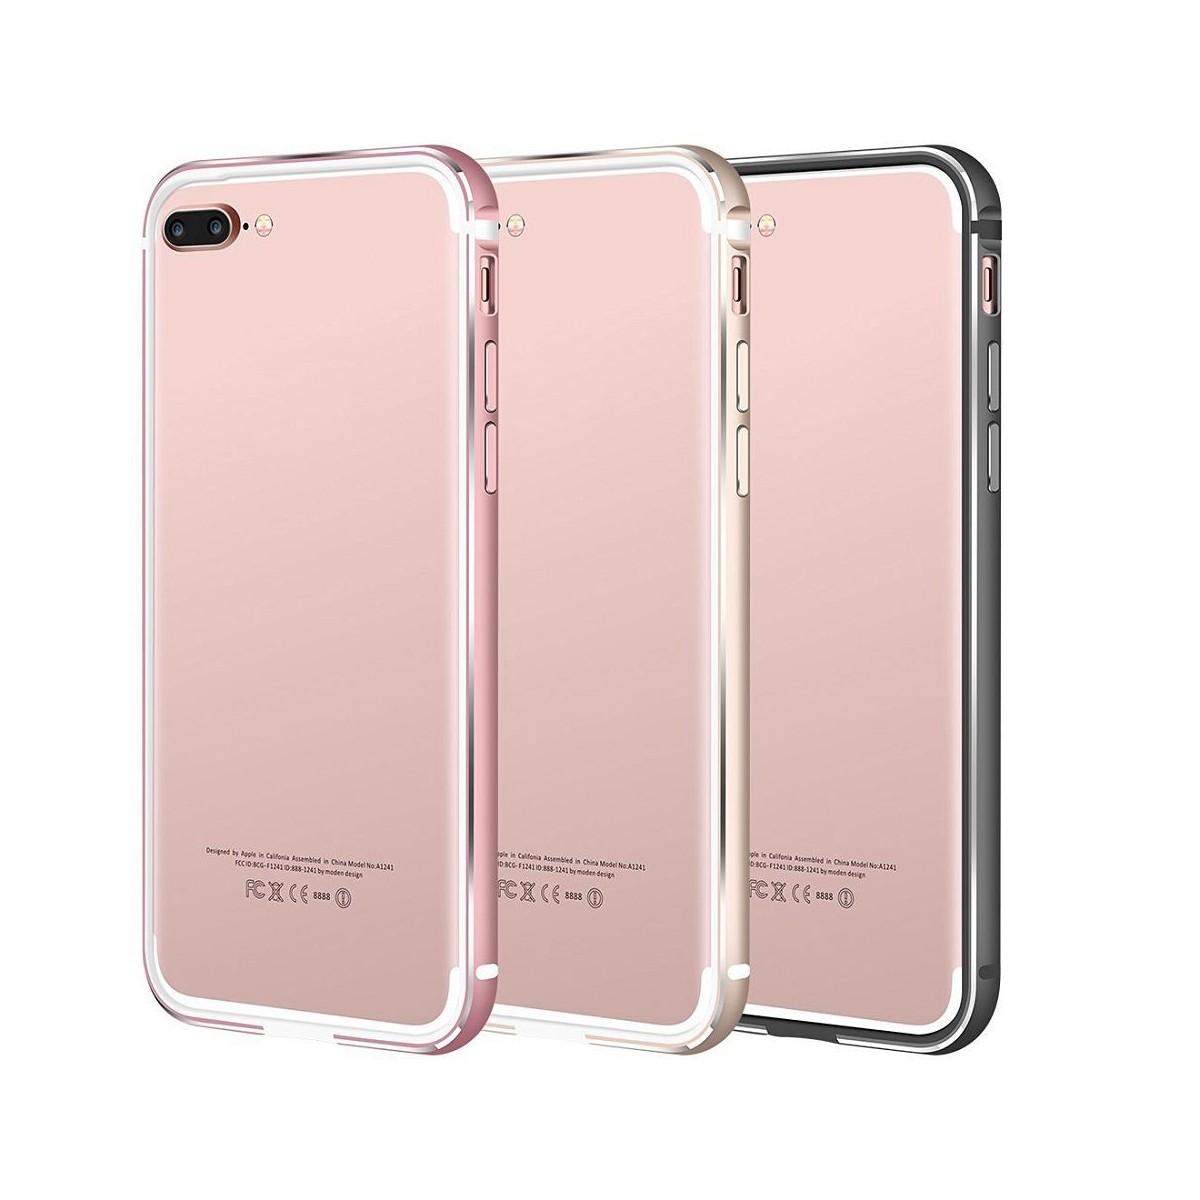 Bumper Bi-matière iPhone 7 Plus contour Blanc et Rose - G-Case